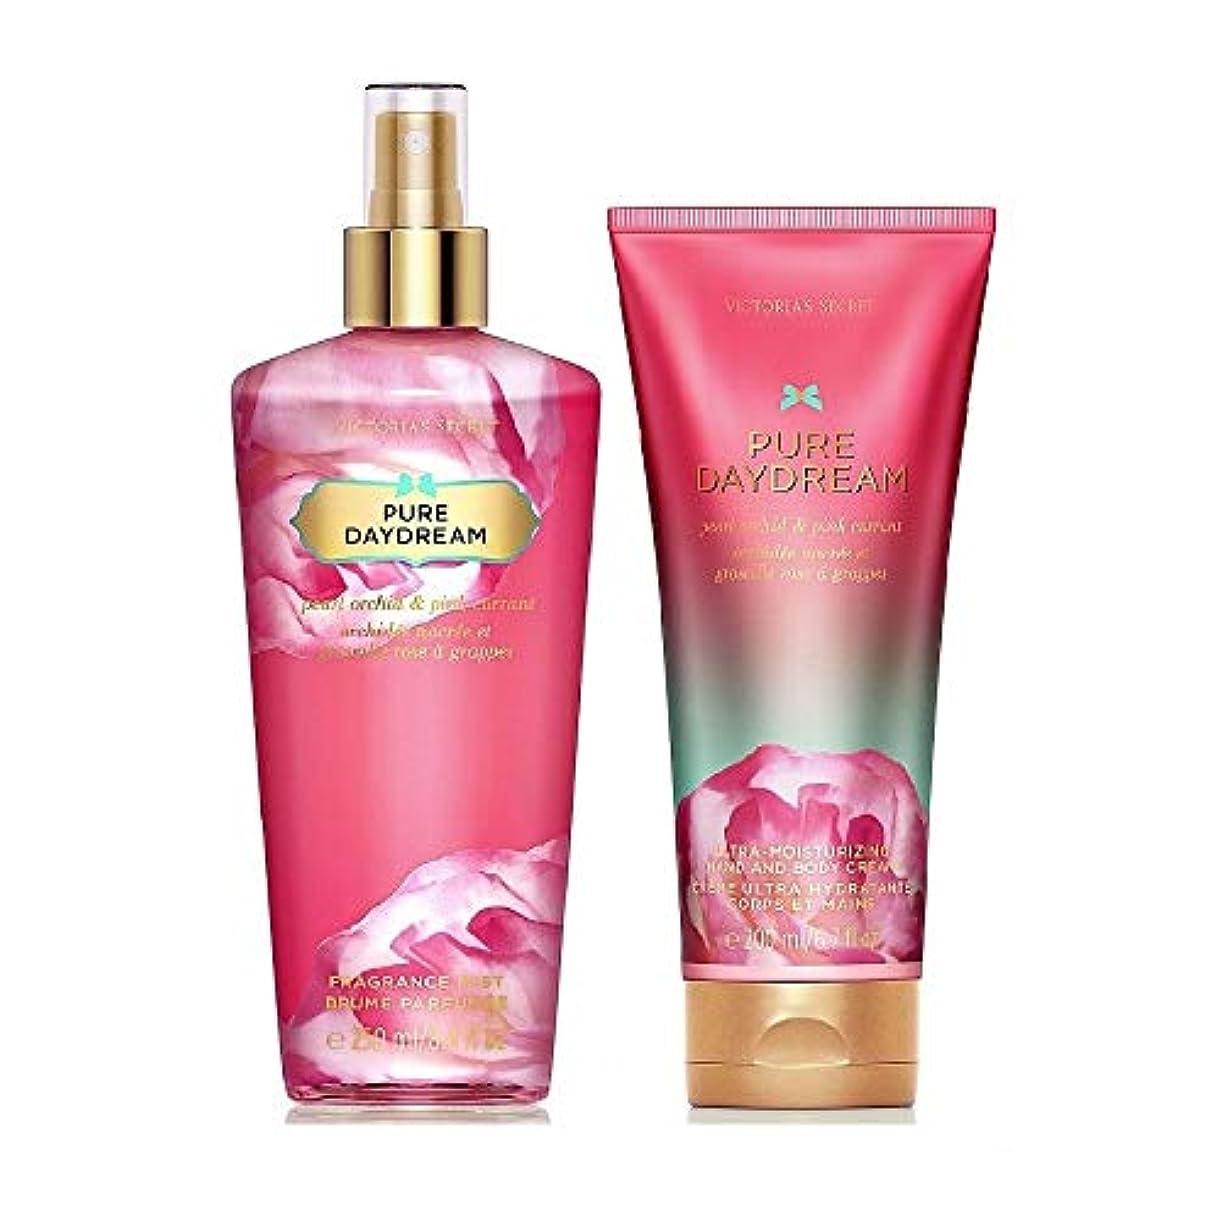 フレグランスミスト&ボディクリーム?2点セット VS Fantasies FragranceMist &BodyCare ヴィクトリアシークレット (17.ピュアデイドリーム/PureDaydream) [並行輸入品]